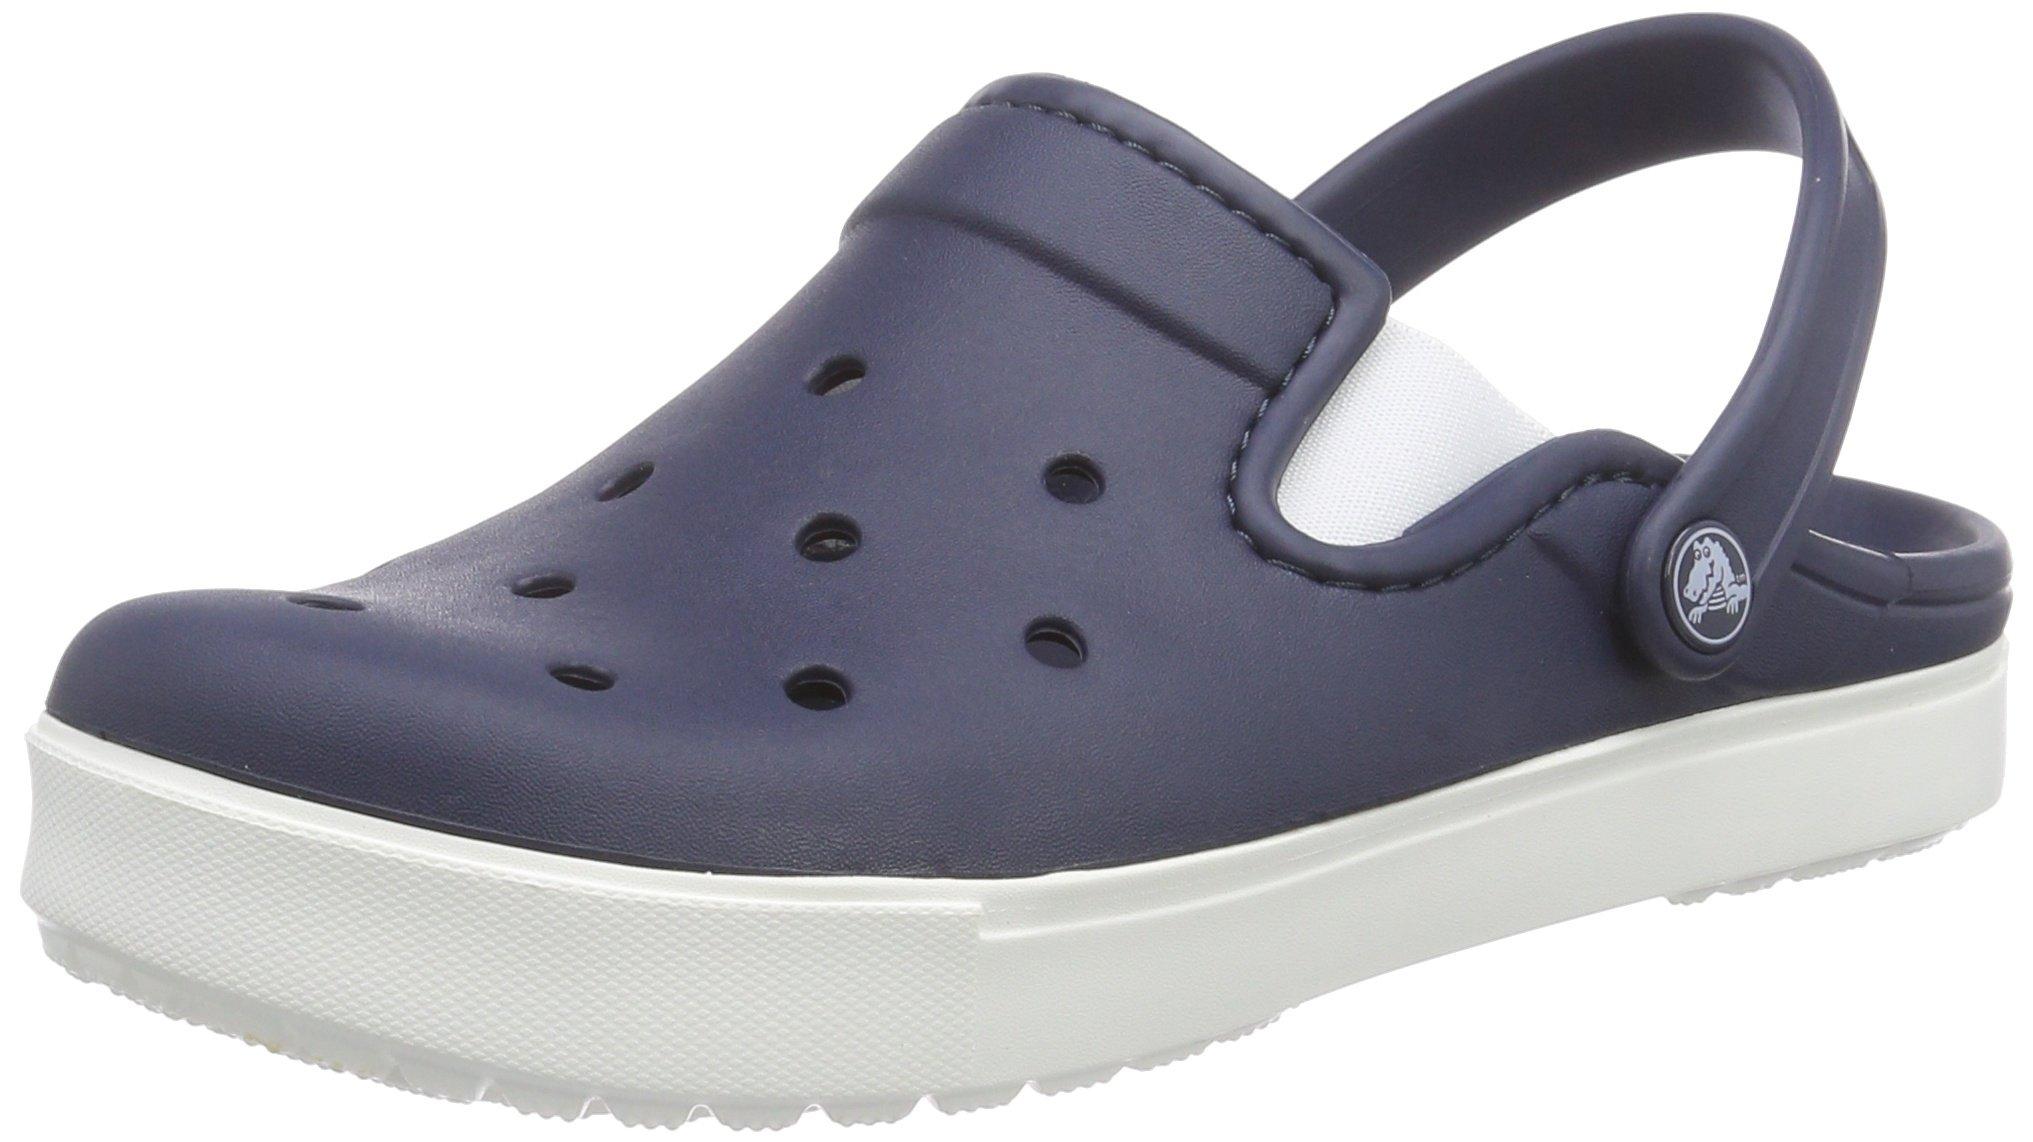 Crocs Unisex Citilane Clog, Navy/White, 10 B(M) Women/8 D(M) Men US